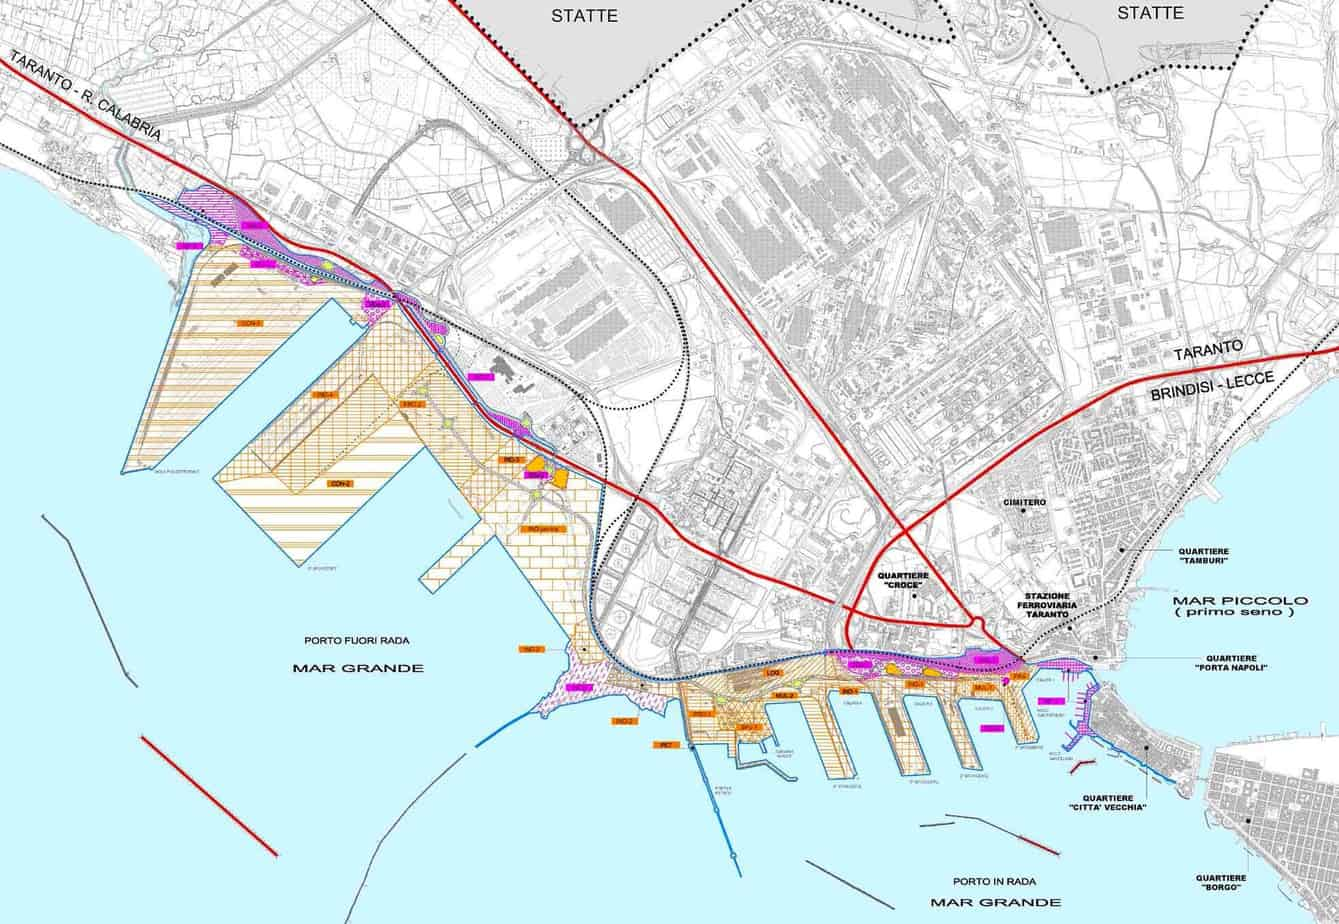 Una panoramica delle opere previste per il porto di Taranto. A sinistra è visibile il nuovo Molo Polisettoriale e, subito a destra, il nuovo terminal contenitori del Quinto Sporgente